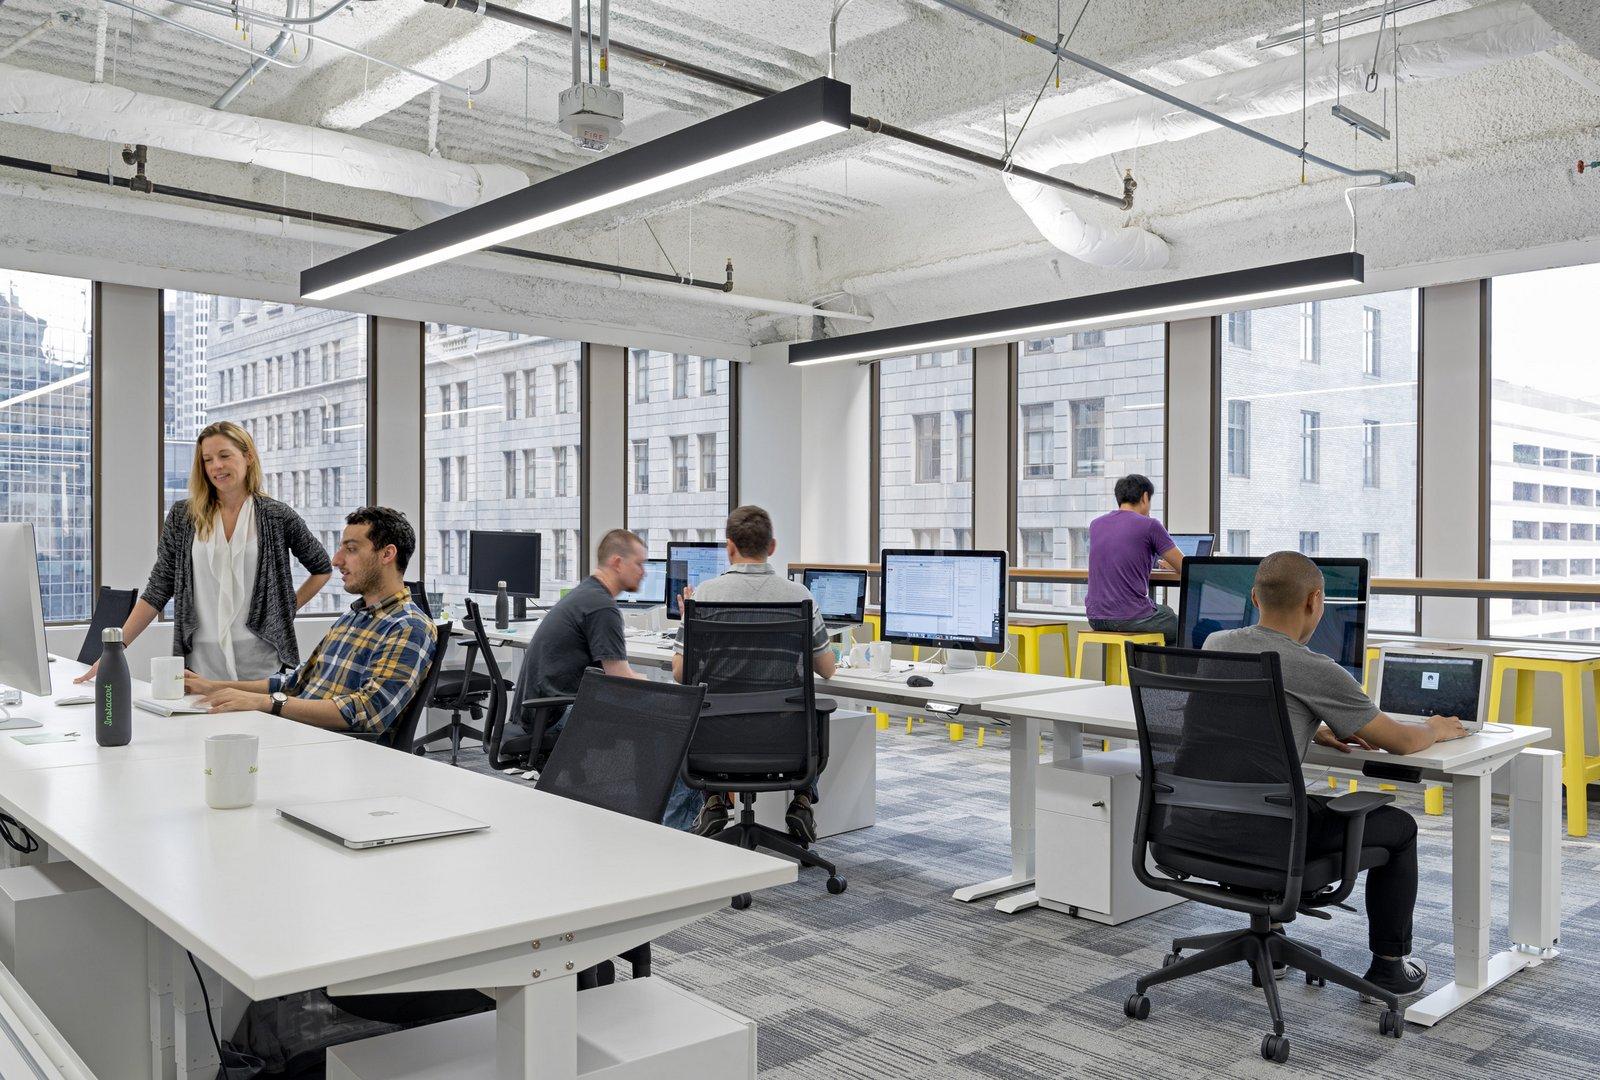 Registro de la jornada un nuevo riesgo en compliance laboral for Office design standards